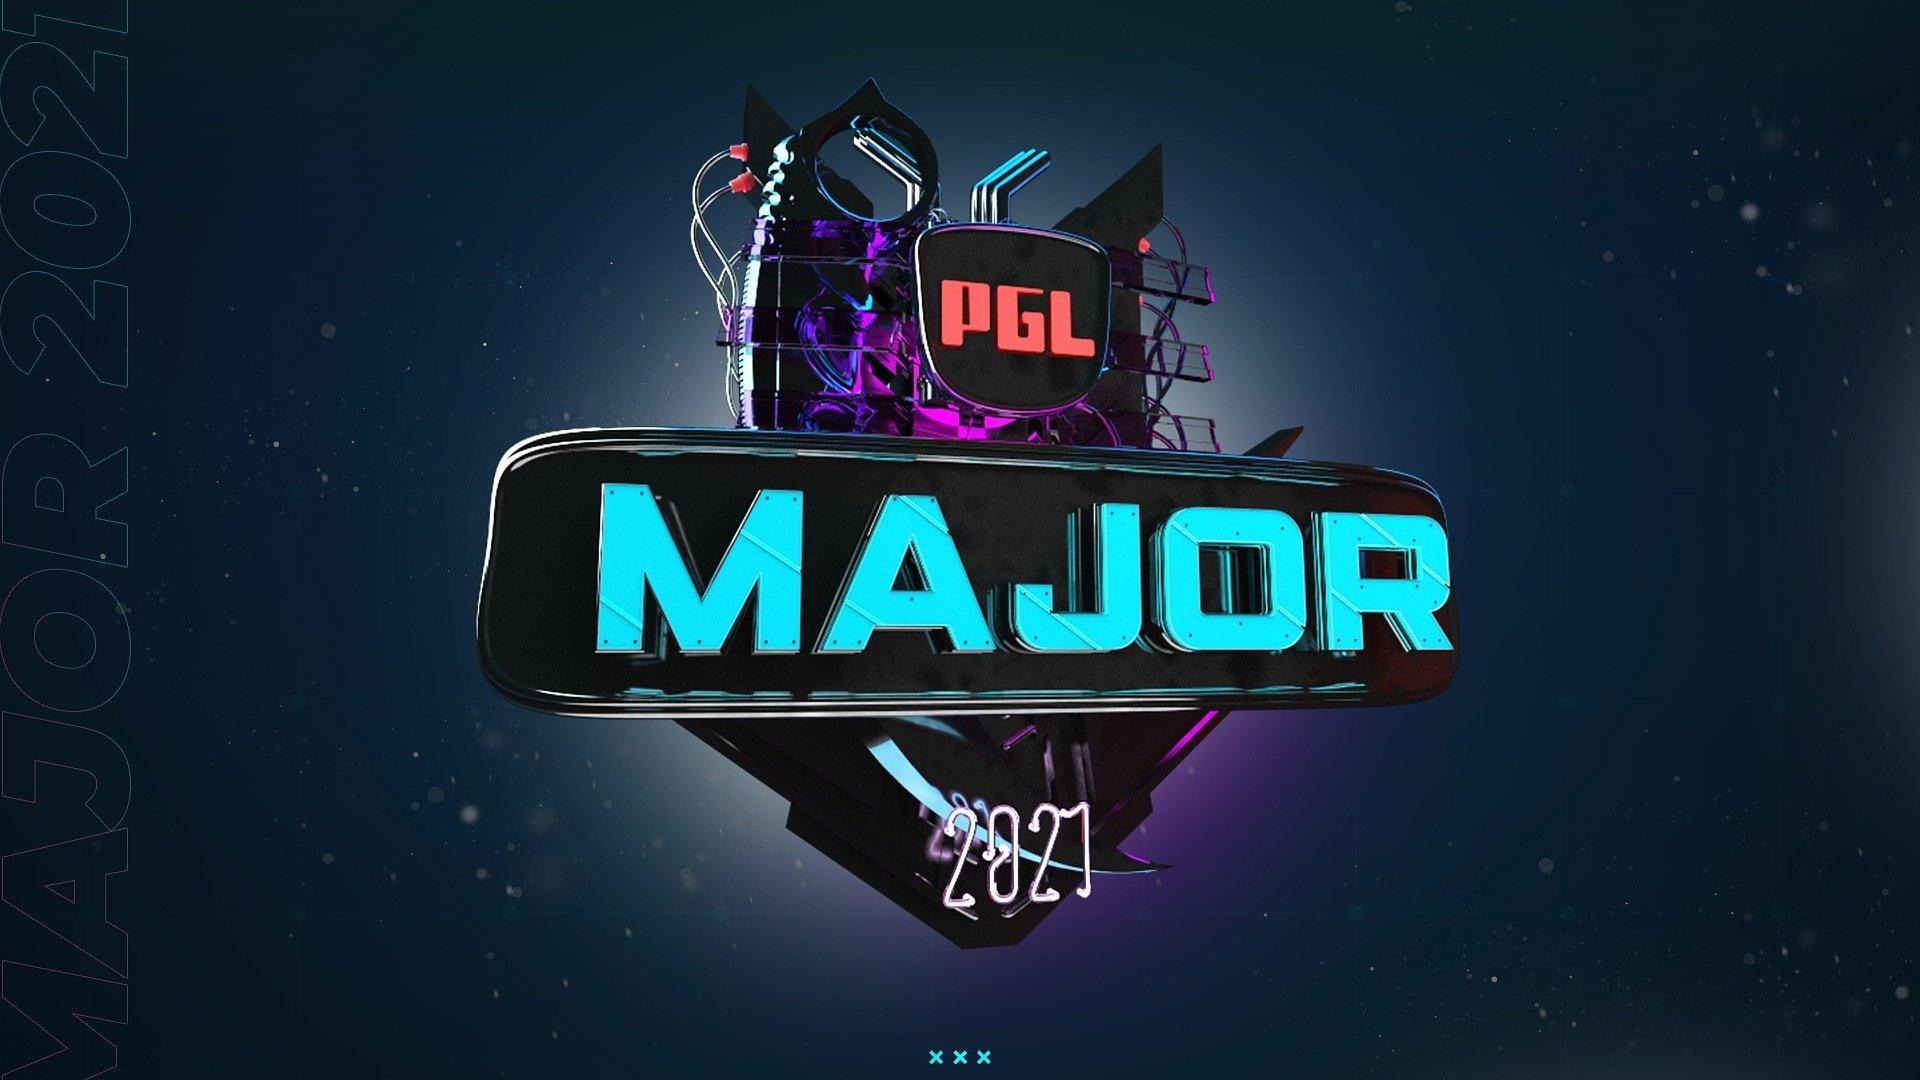 The latest updates on the PGL CS:GO MAJOR